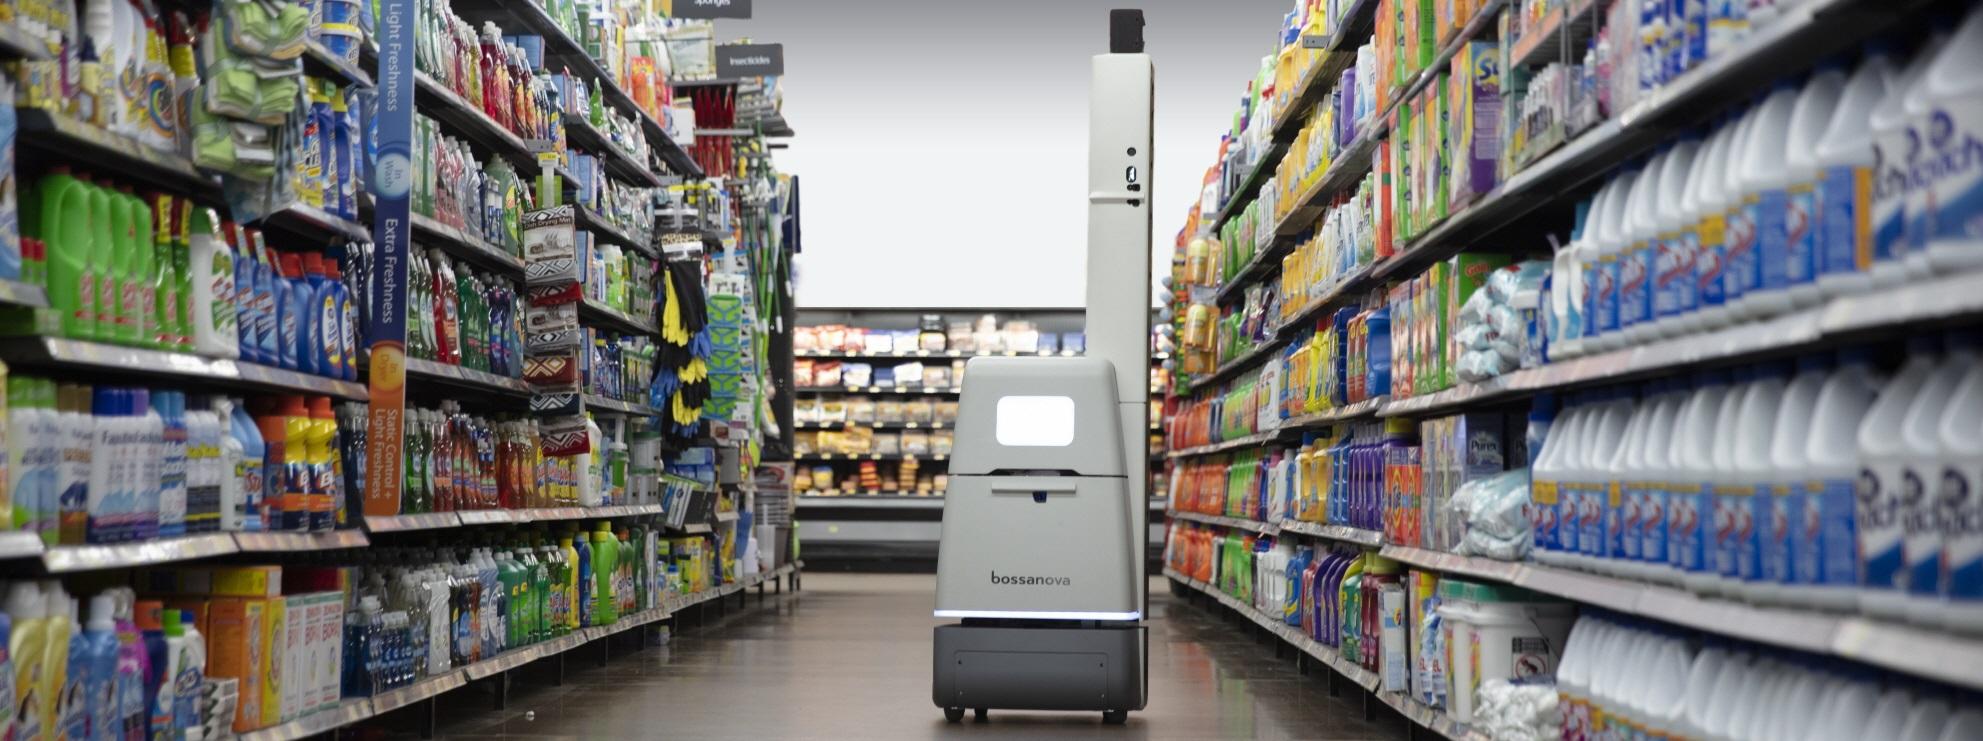 LG AMPLÍA INVERSIÓN EN EL DESARROLLO DE ROBOTS